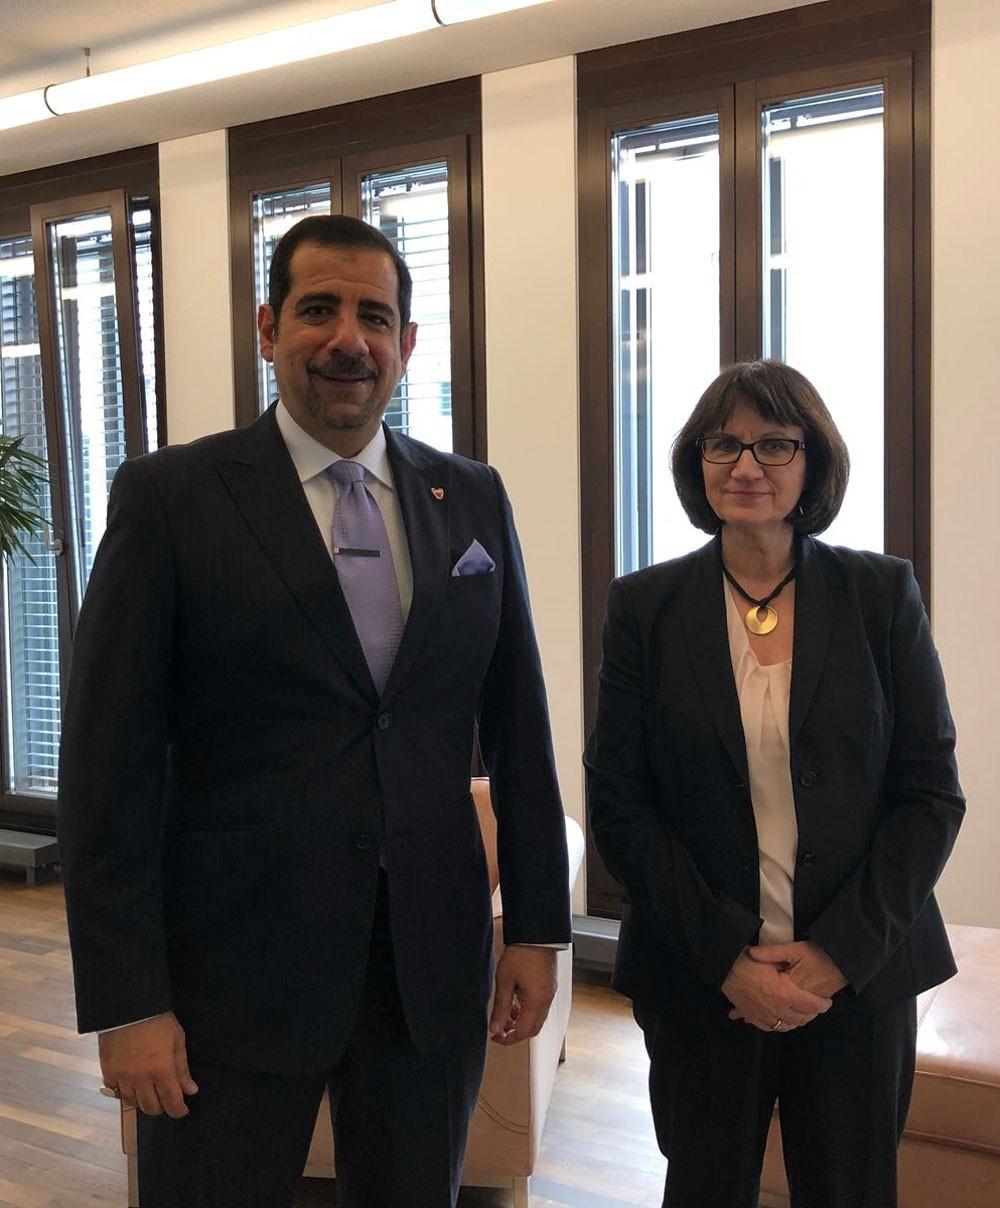 رئيسة المساواة بوزارة الأسرة بألمانيا تستقبل سفير البحرين في برلين